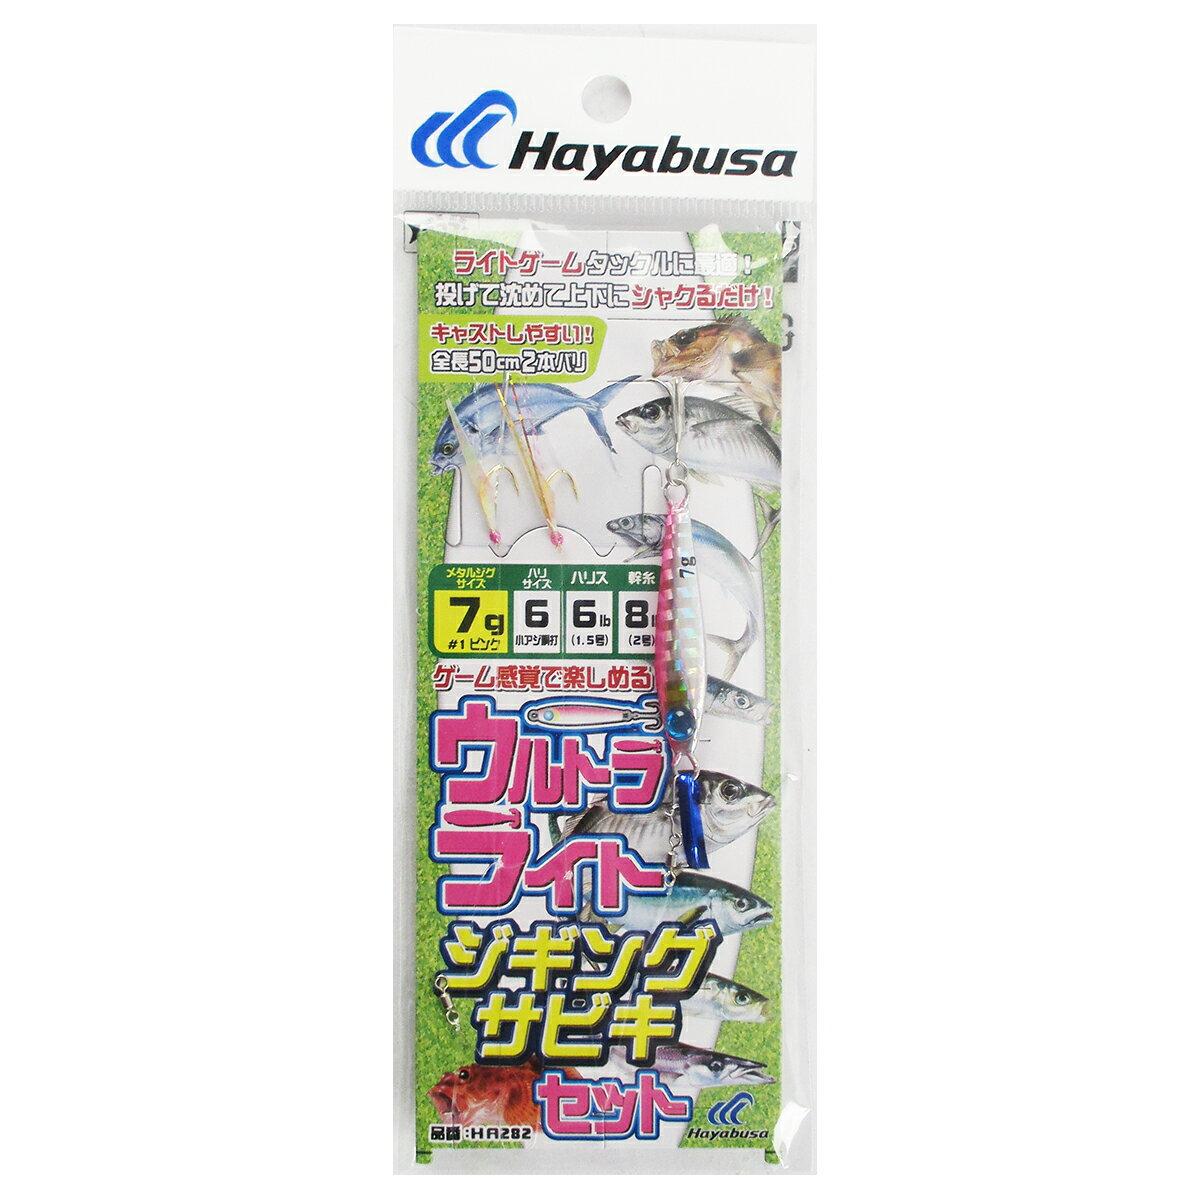 ハヤブサ ウルトラライトジギングサビキ HA282 針6号-ハリス6lb 7g #1(ピンク)【ゆうパケット】